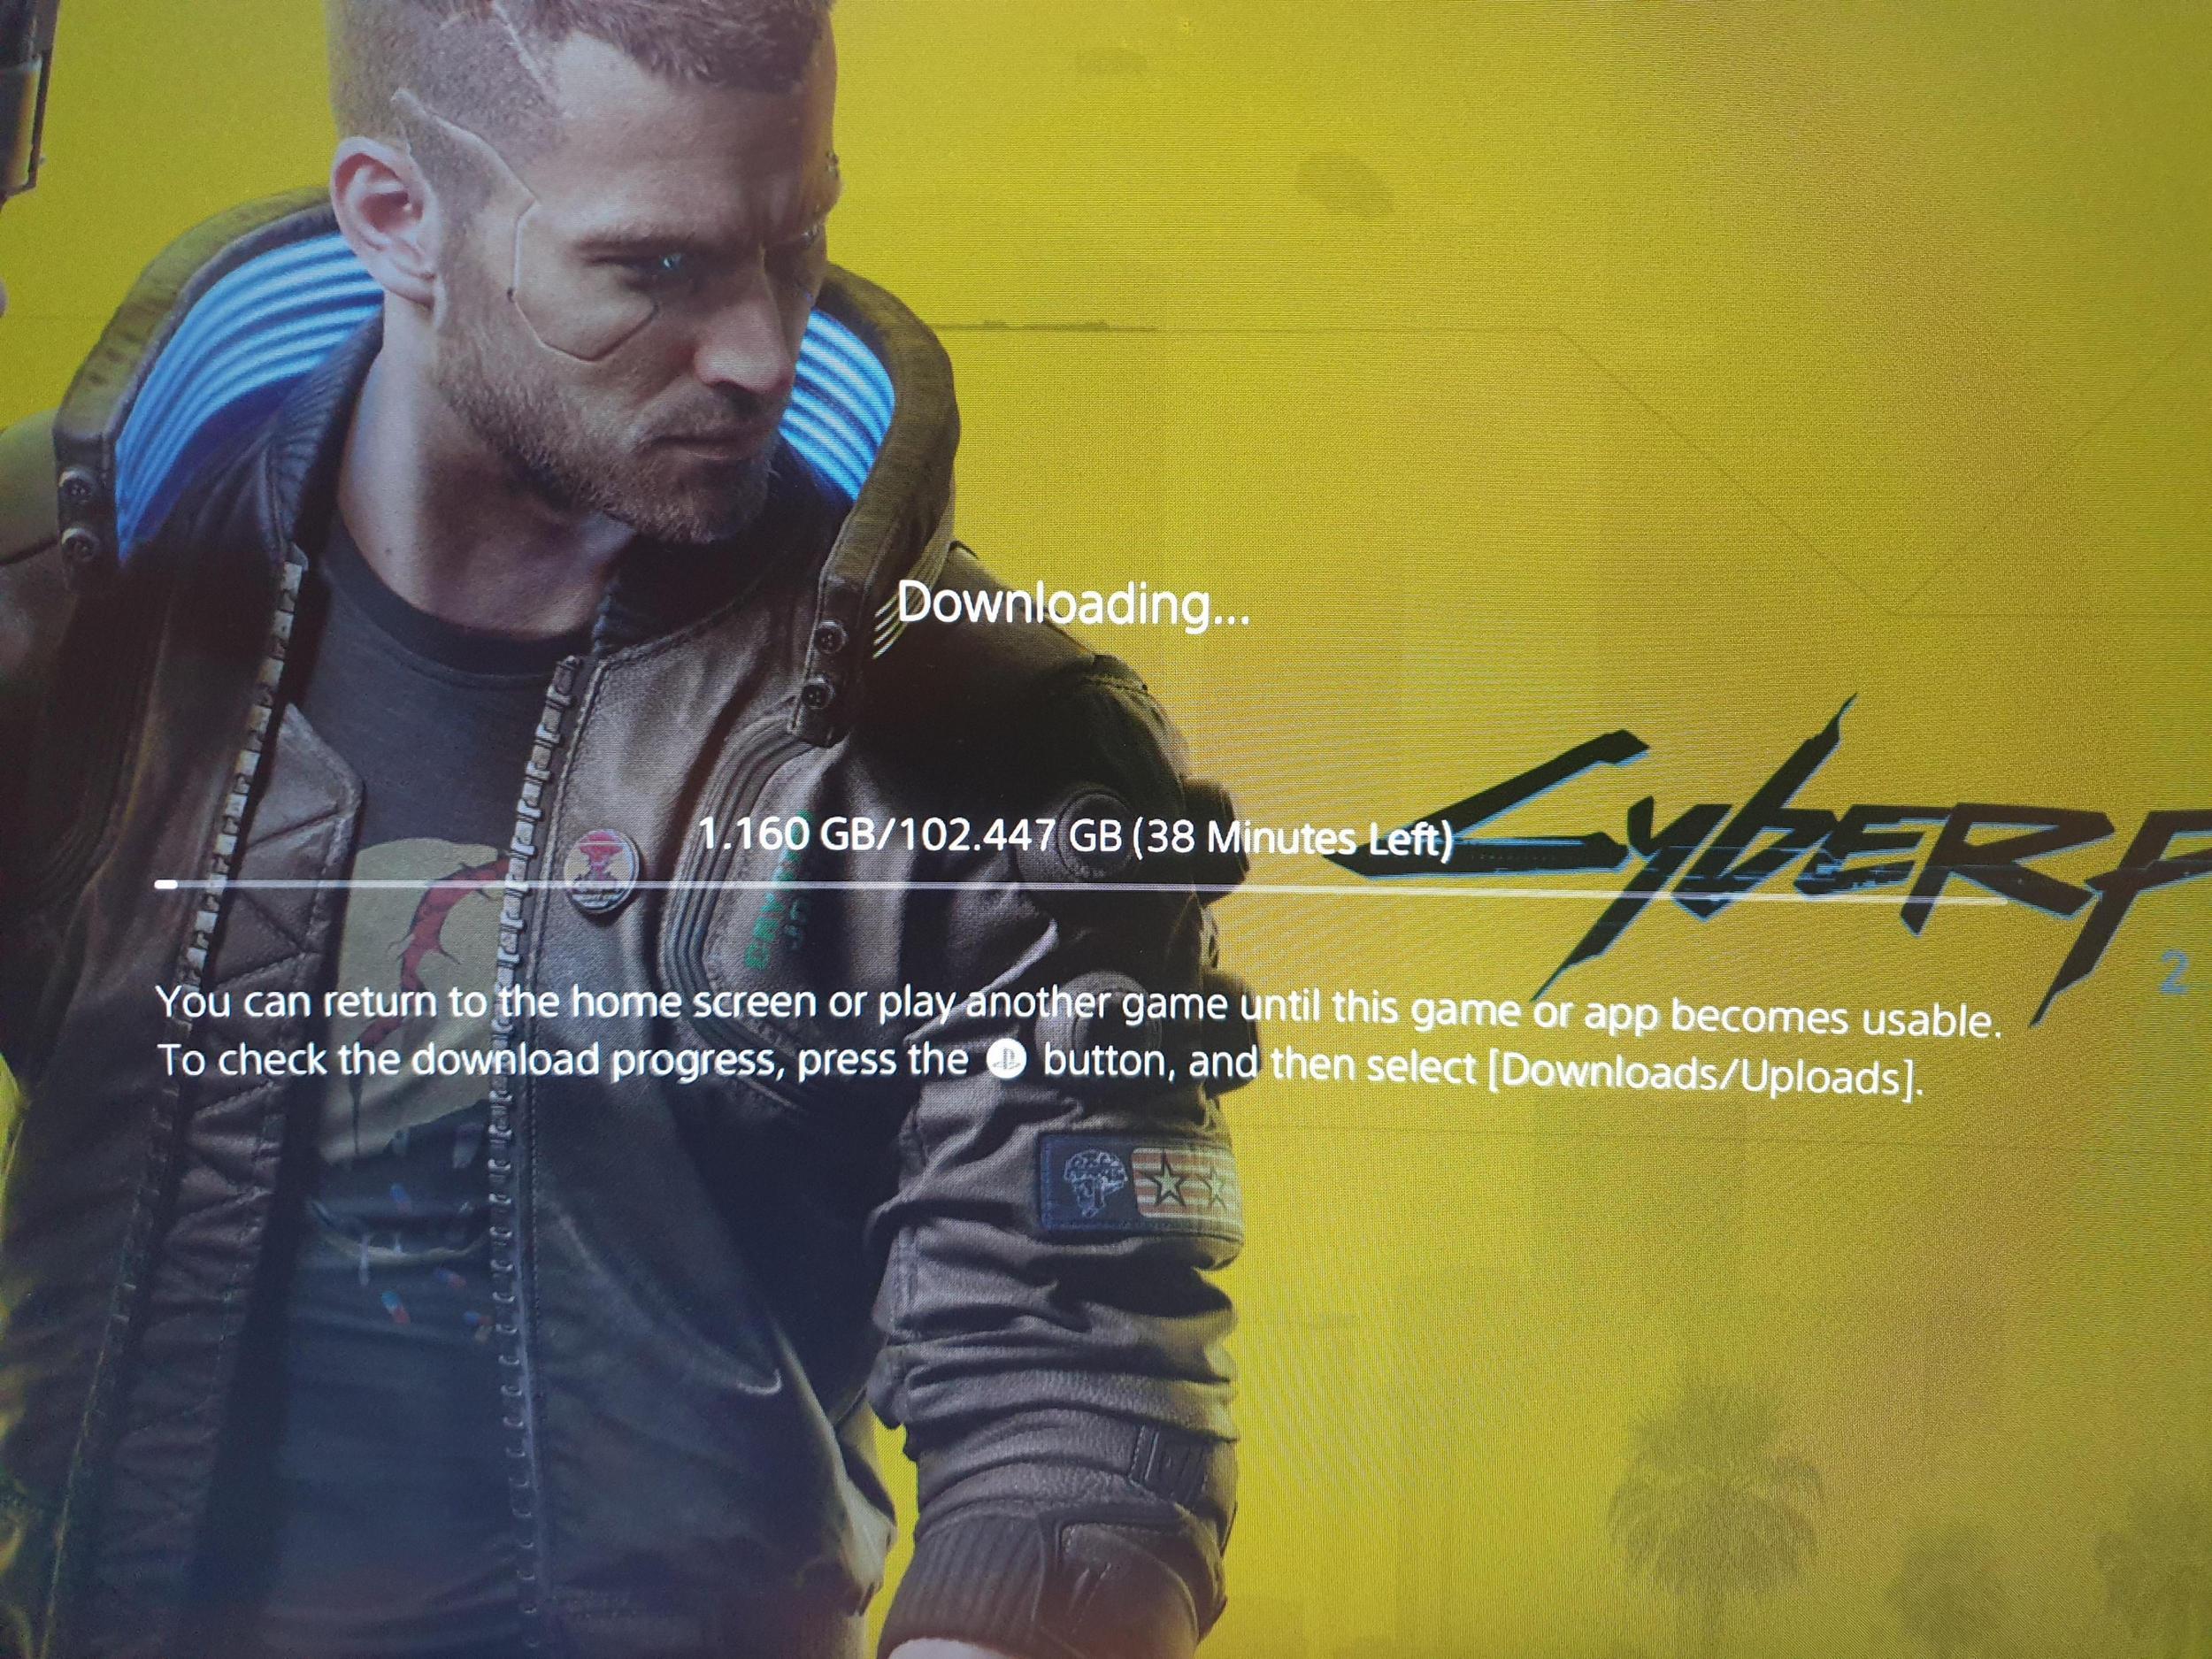 Размер дистрибутива Cyberpunk 2077 на PS4 и PS5 составит рекордные 102 Гб